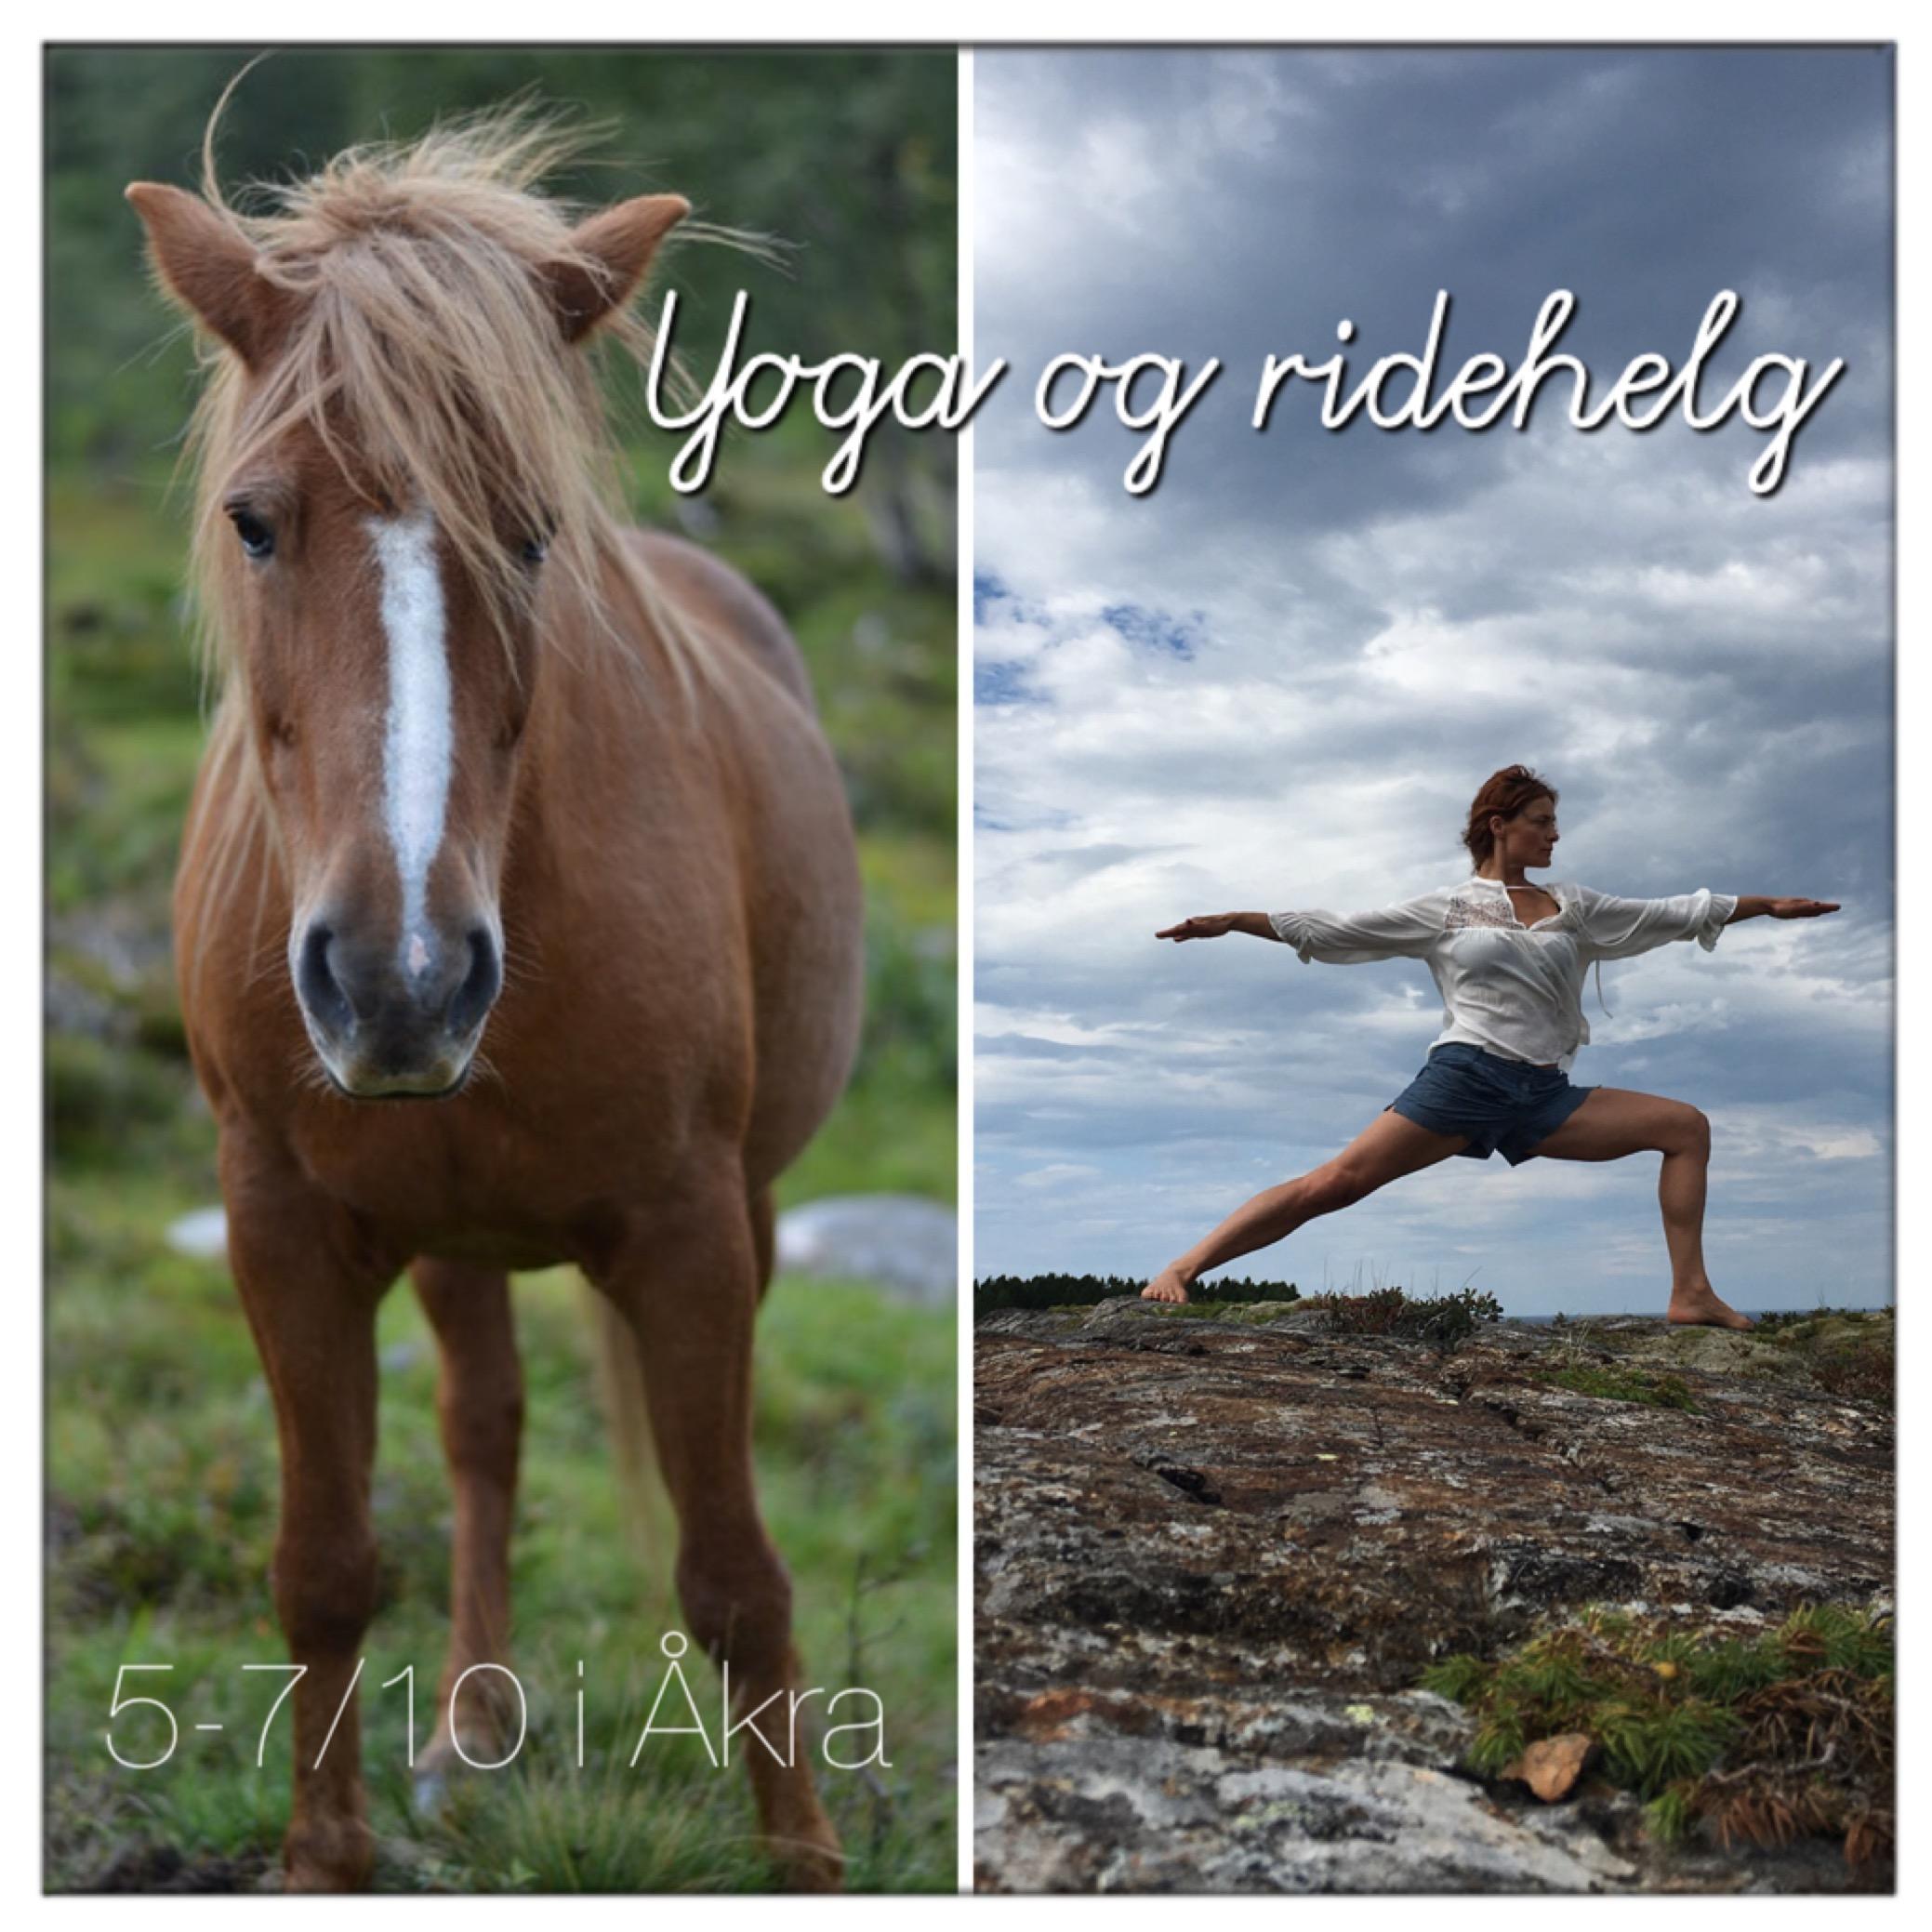 Yoga og ridehelg 28-30 august 2020